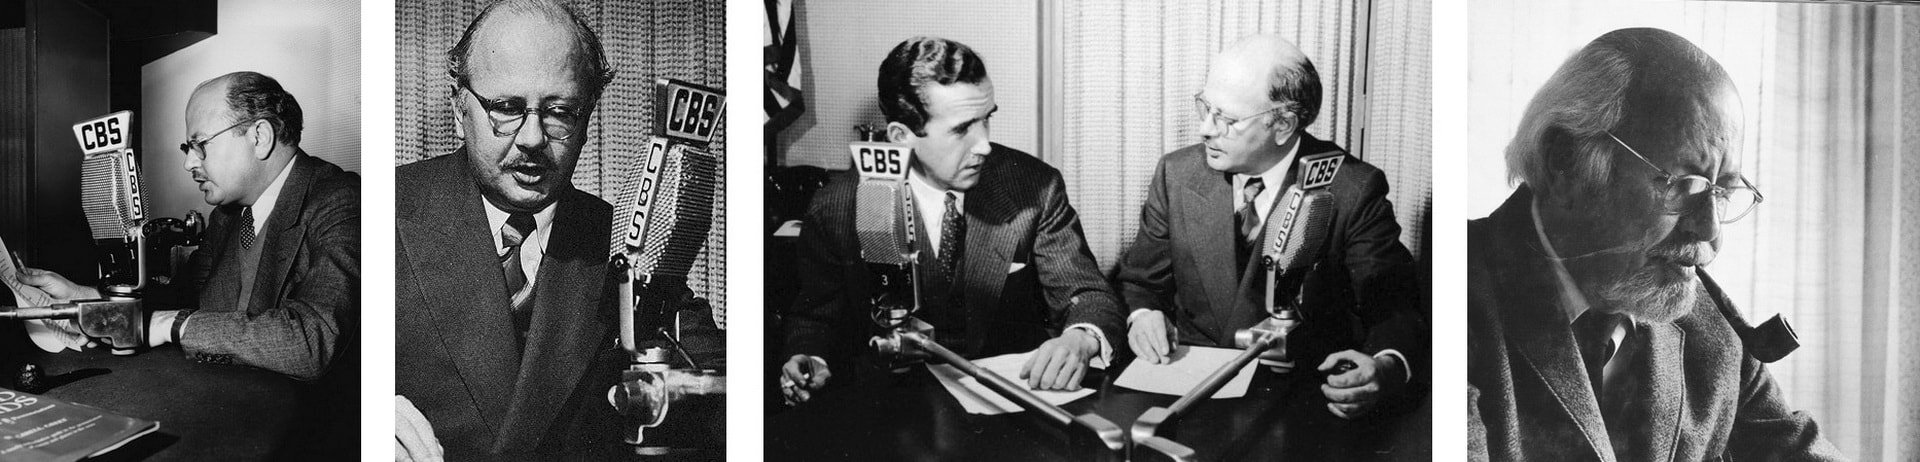 Уильям Ширер - корреспондент CBS WIlliam Shirer